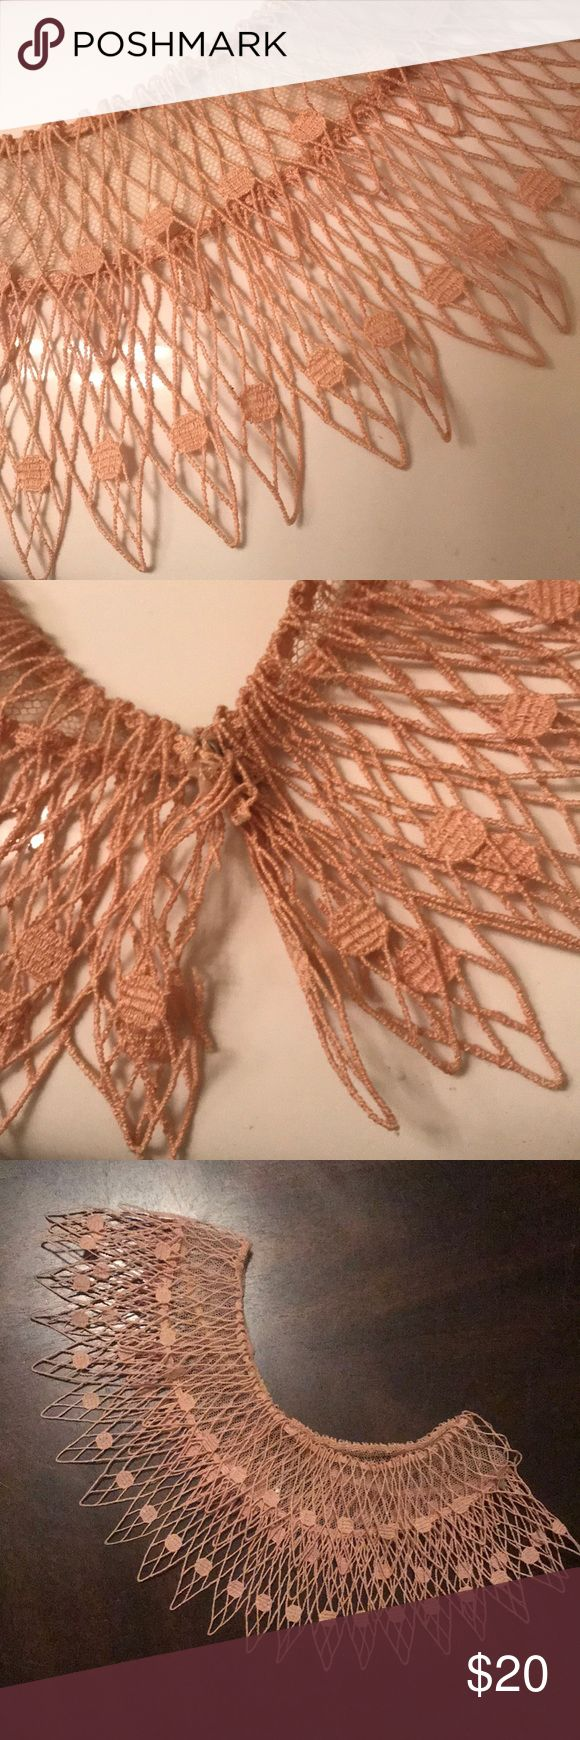 VINTAGE LACE COLLAR APPLIQUÉ Vintage crochet lace collar with snap button Vintage Accessories